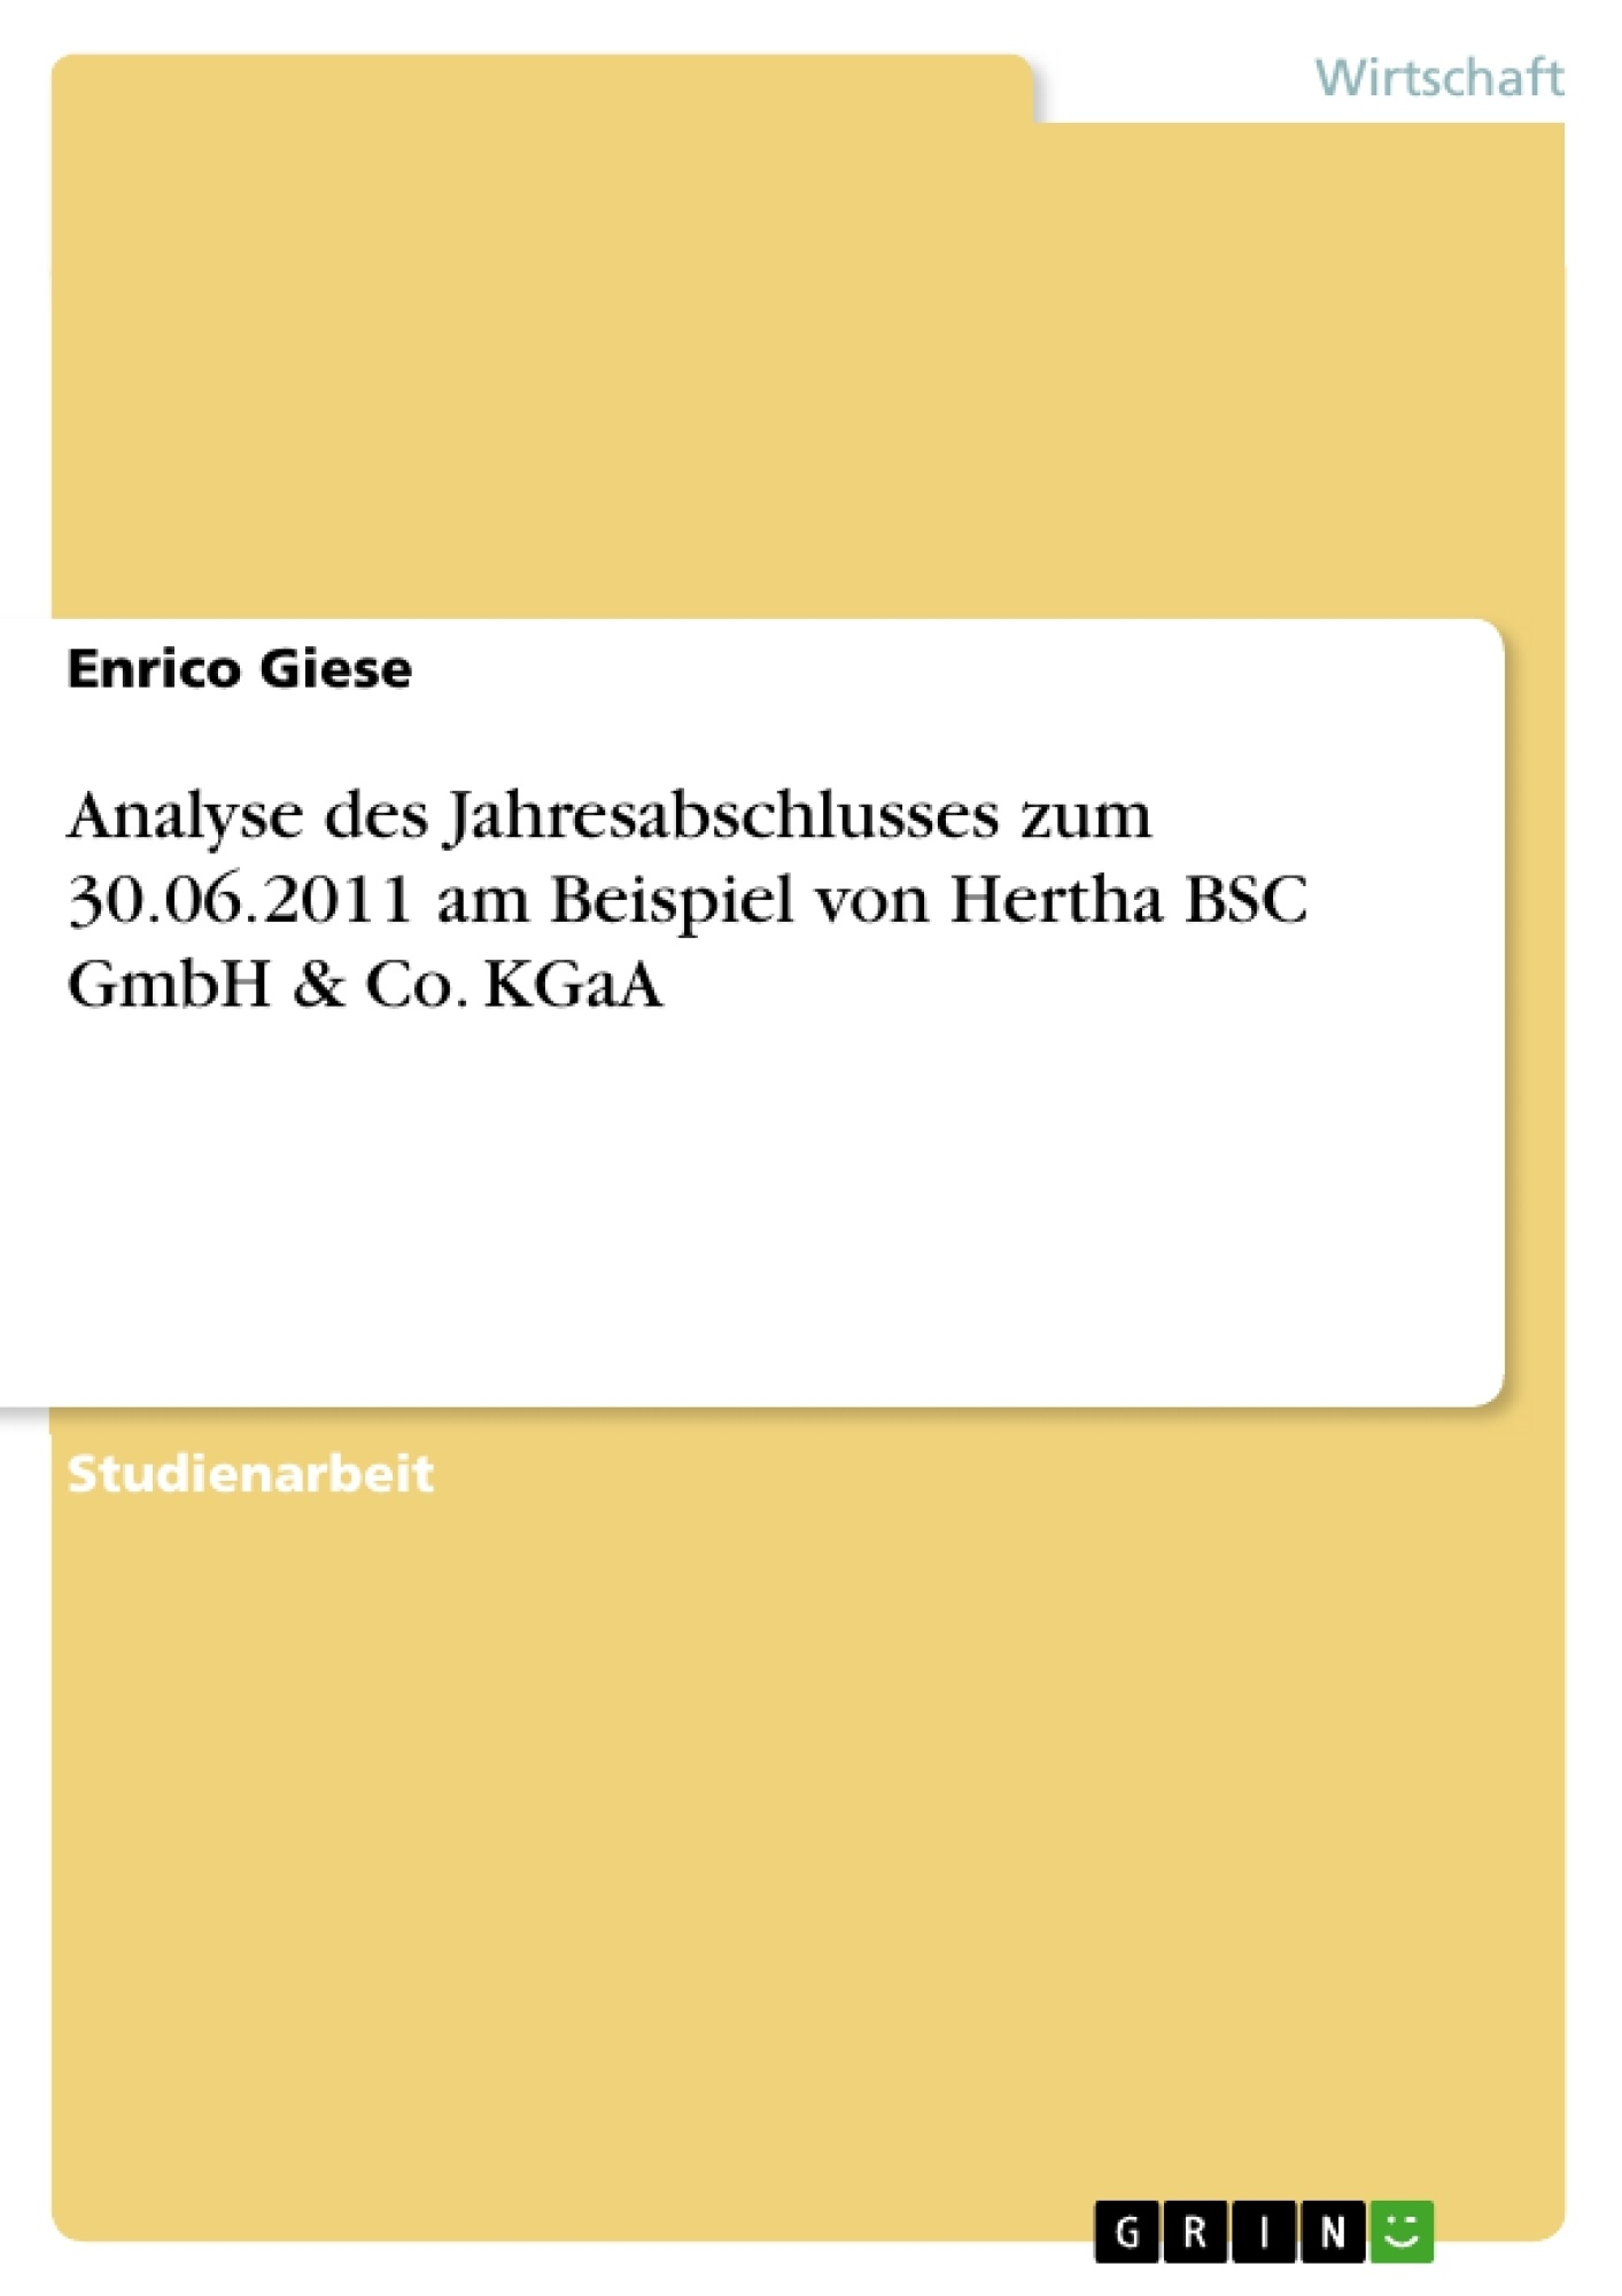 Titel: Analyse des Jahresabschlusses zum 30.06.2011 am Beispiel von Hertha BSC GmbH & Co. KGaA